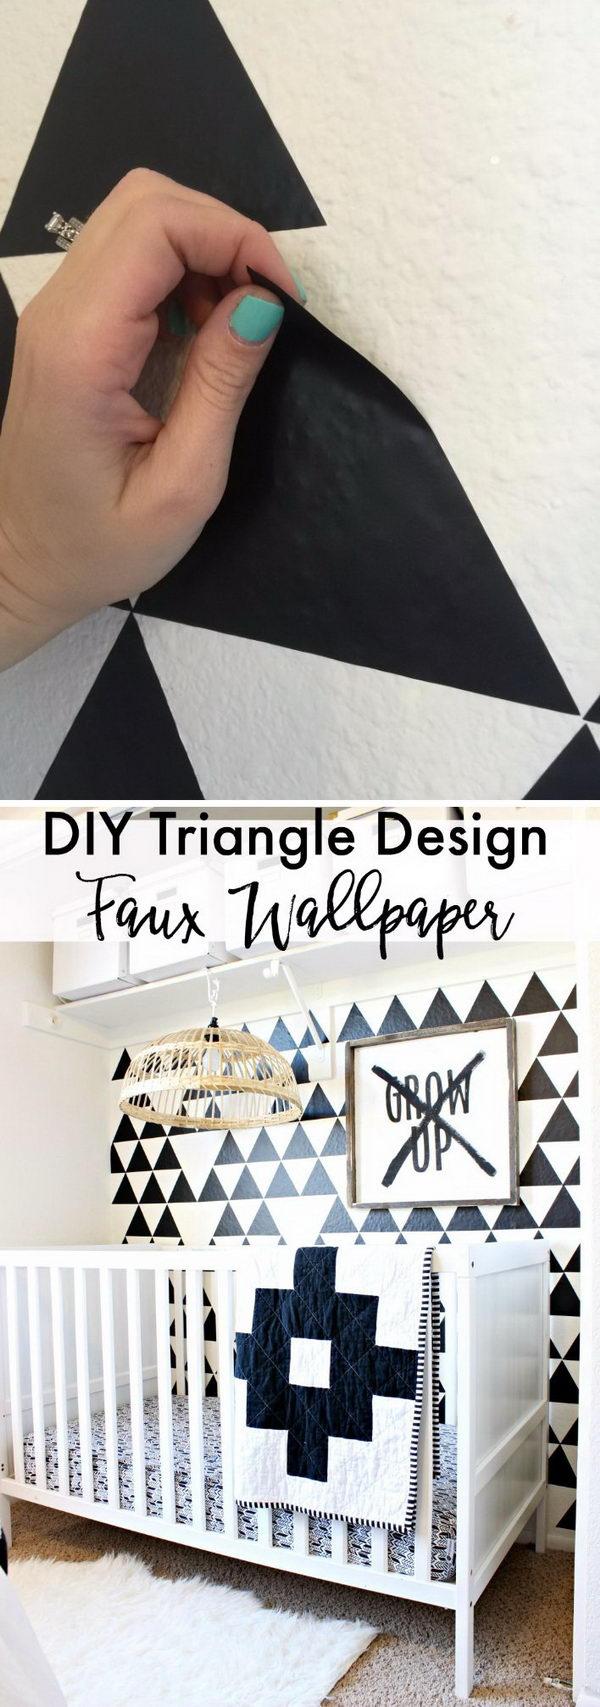 DIY Triangle Design Faux Wallpaper.